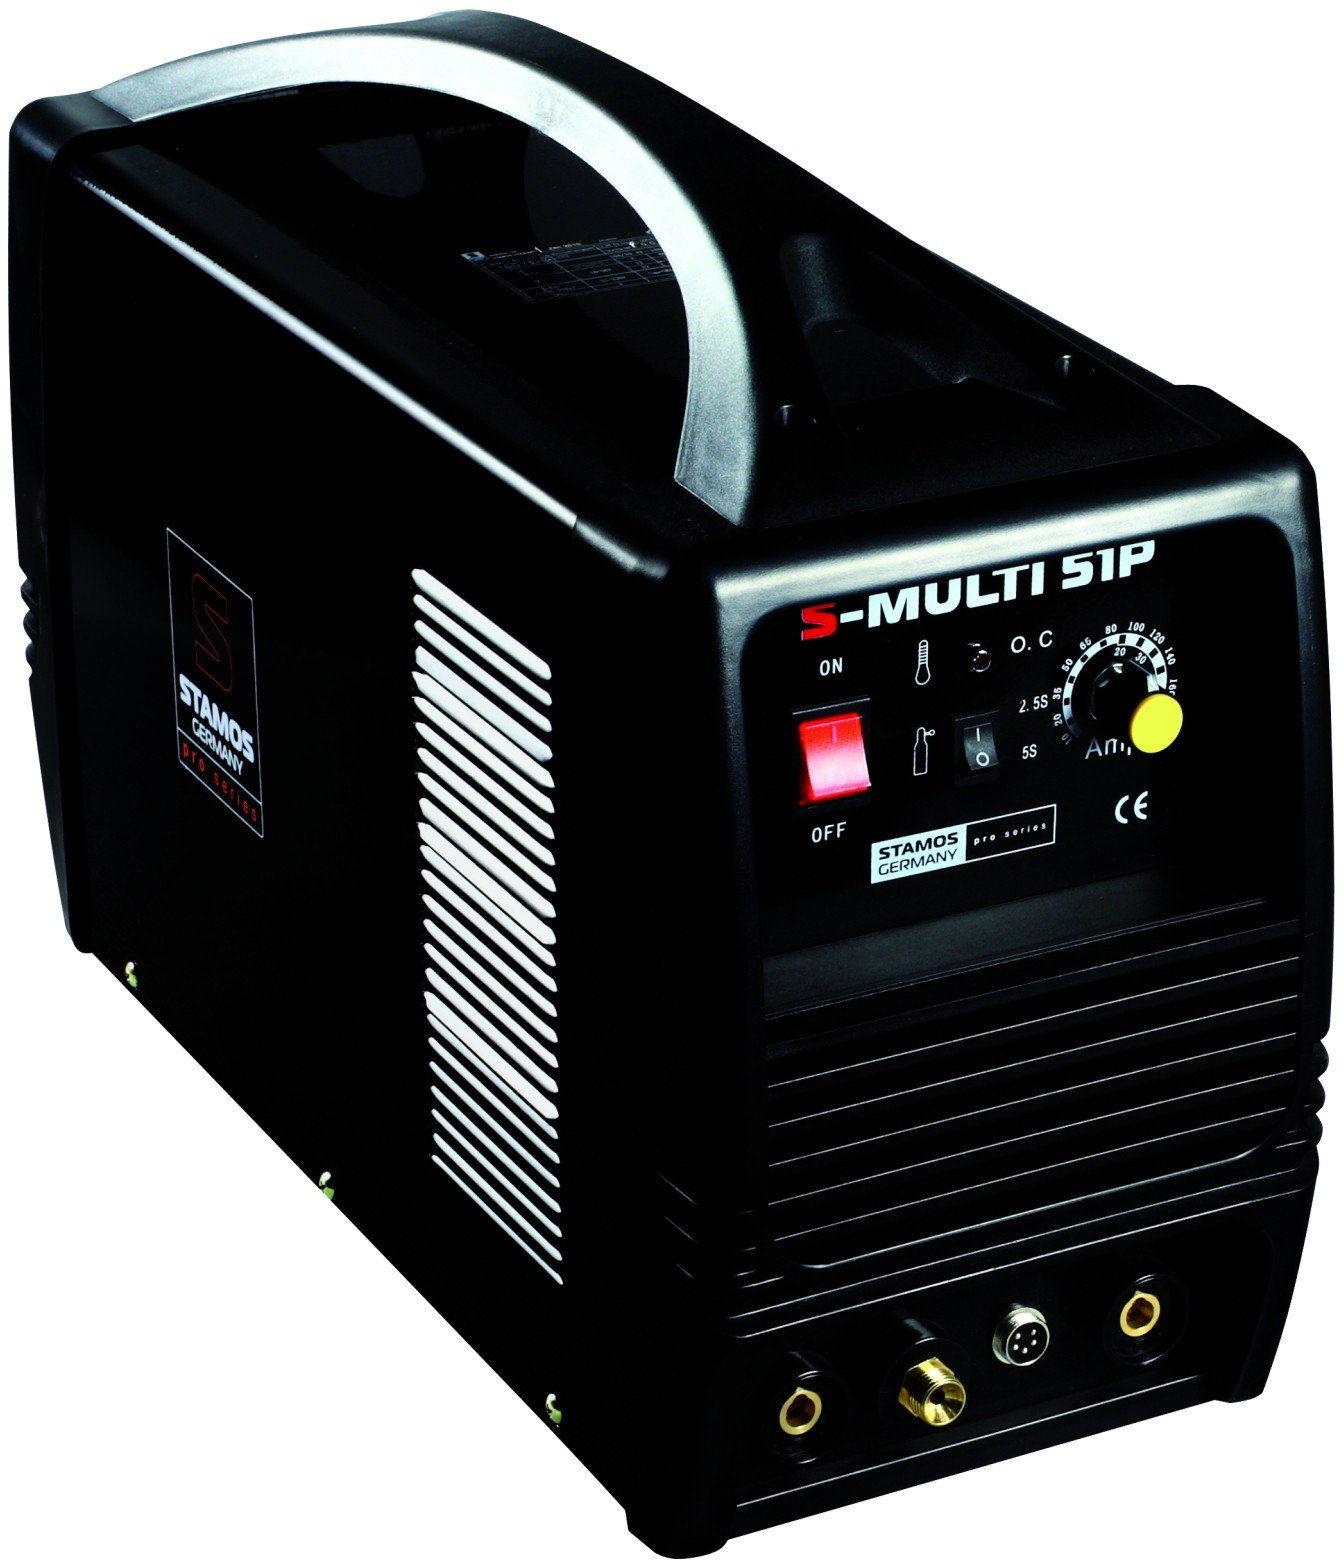 Urządzenie wielofunkcyjne S-MULTI 51P - Stamos Pro Series - S-MULTI 51P - 3 lata gwarancji/wysyłka w 24h